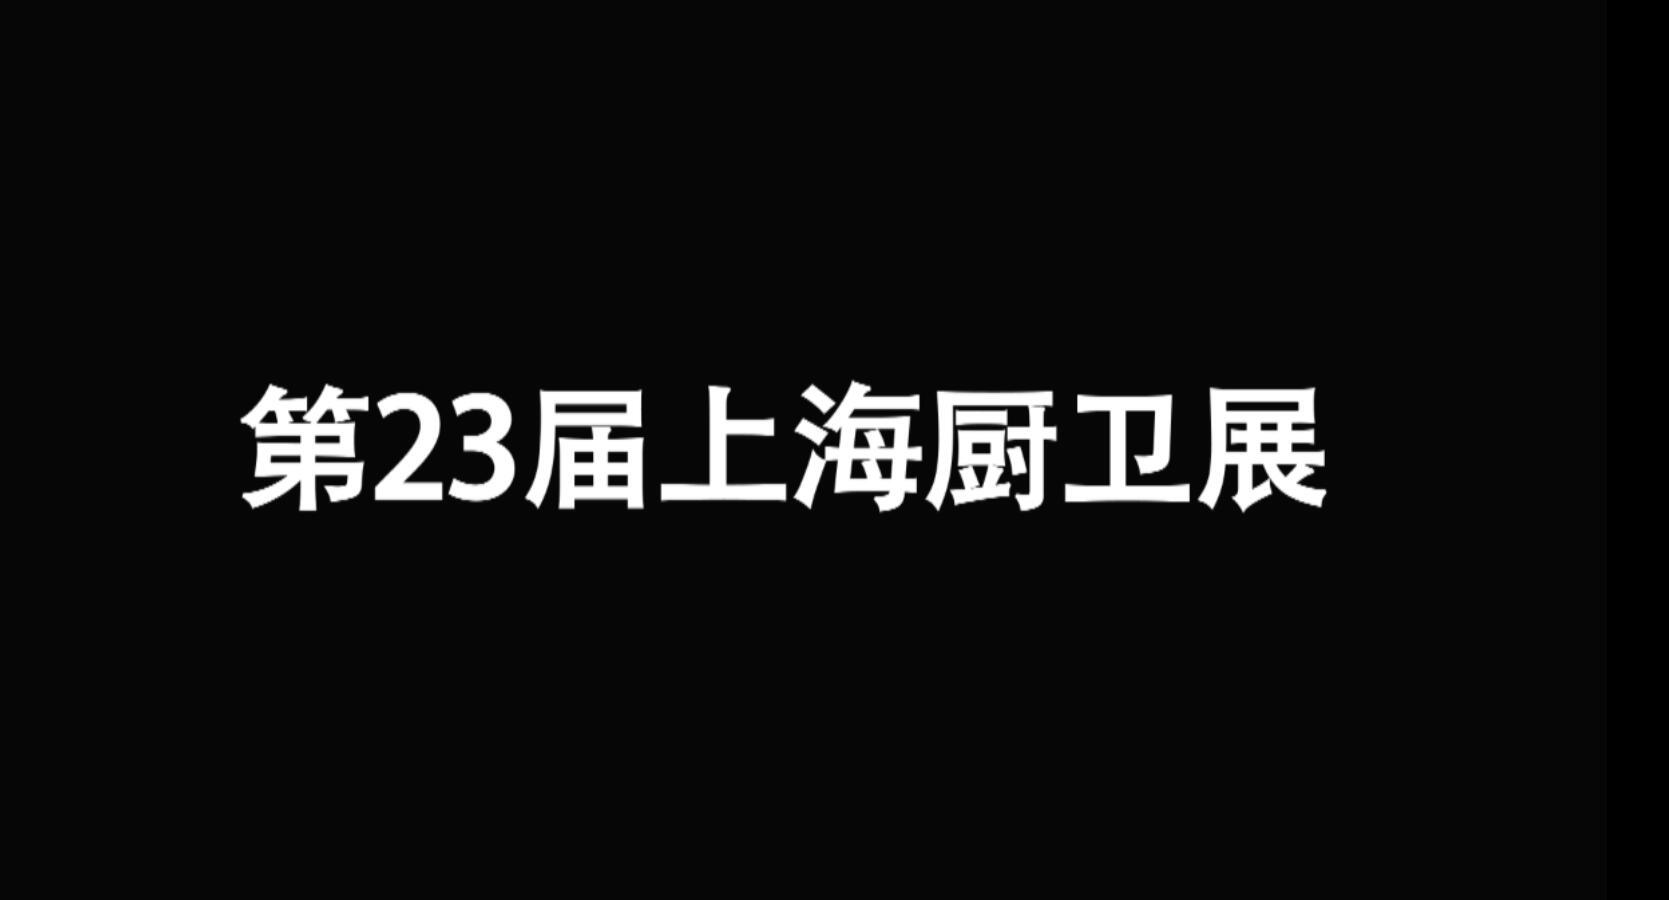 第23届上海厨卫展精彩纷呈 (474播放)